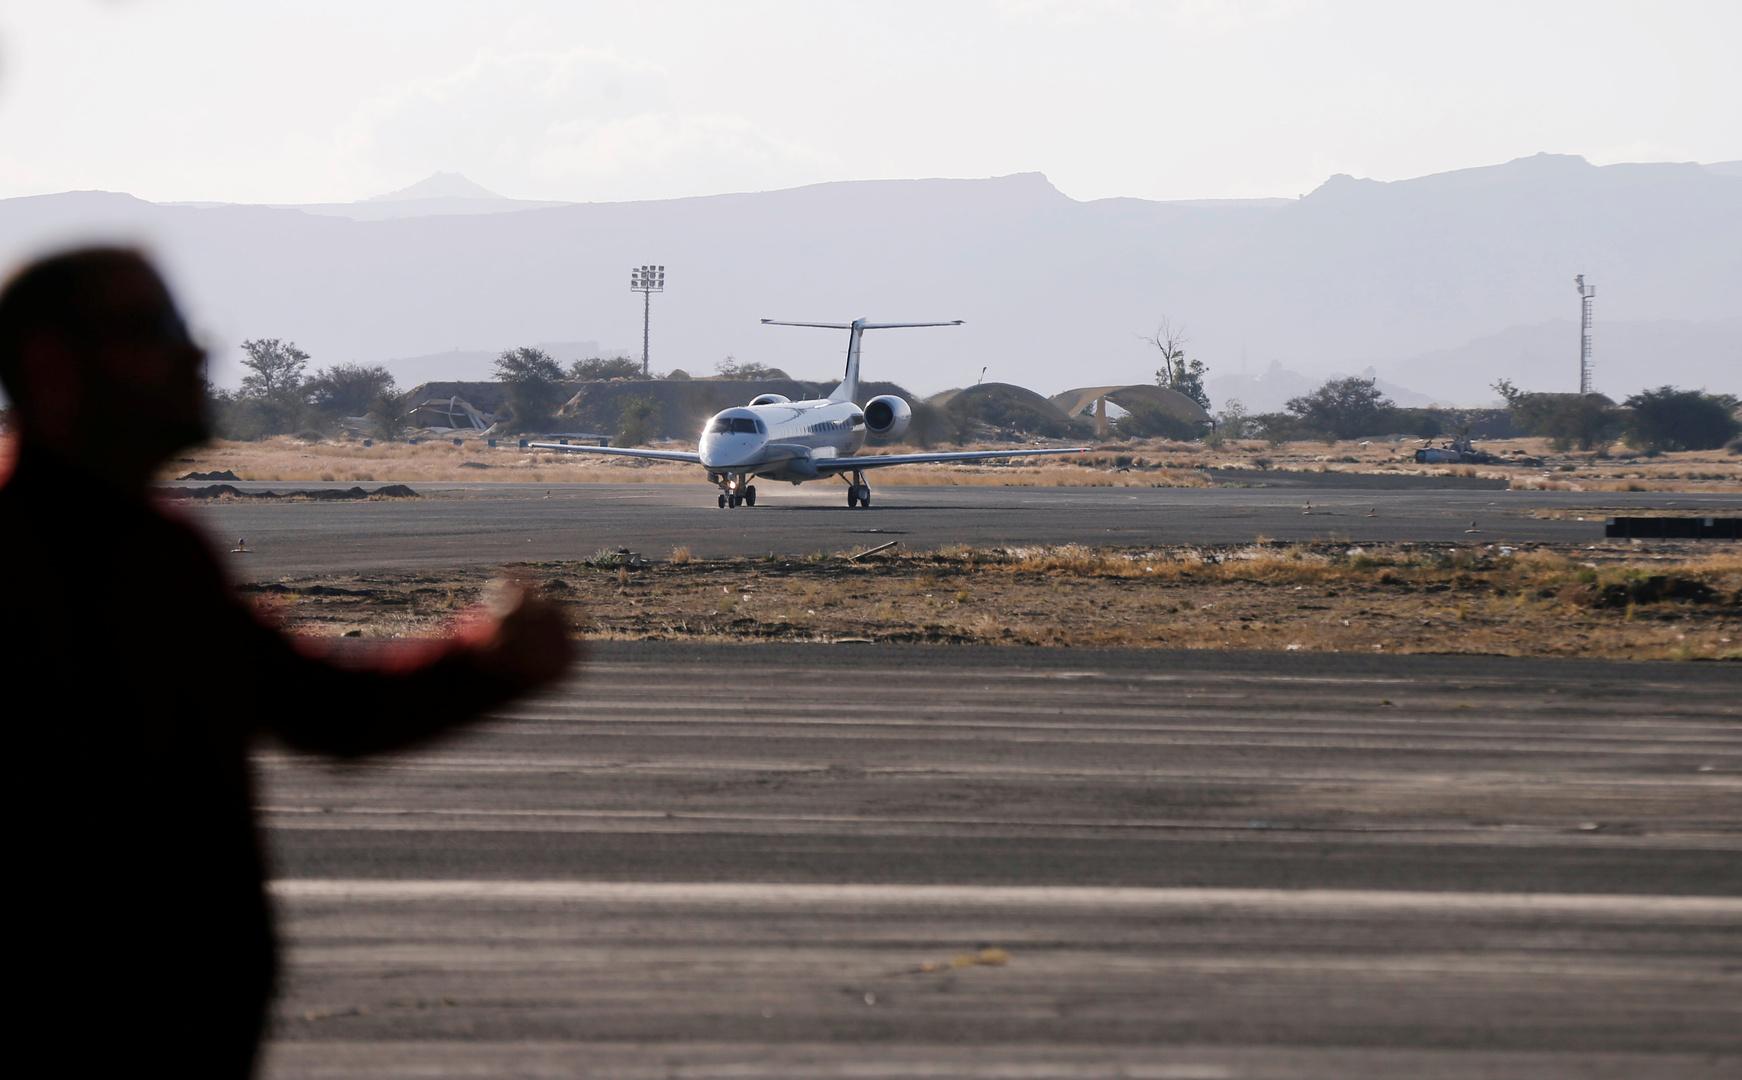 الأمم المتحدة تجري مفاوضات مع الحوثيين لإعادة فتح مطار صنعاء